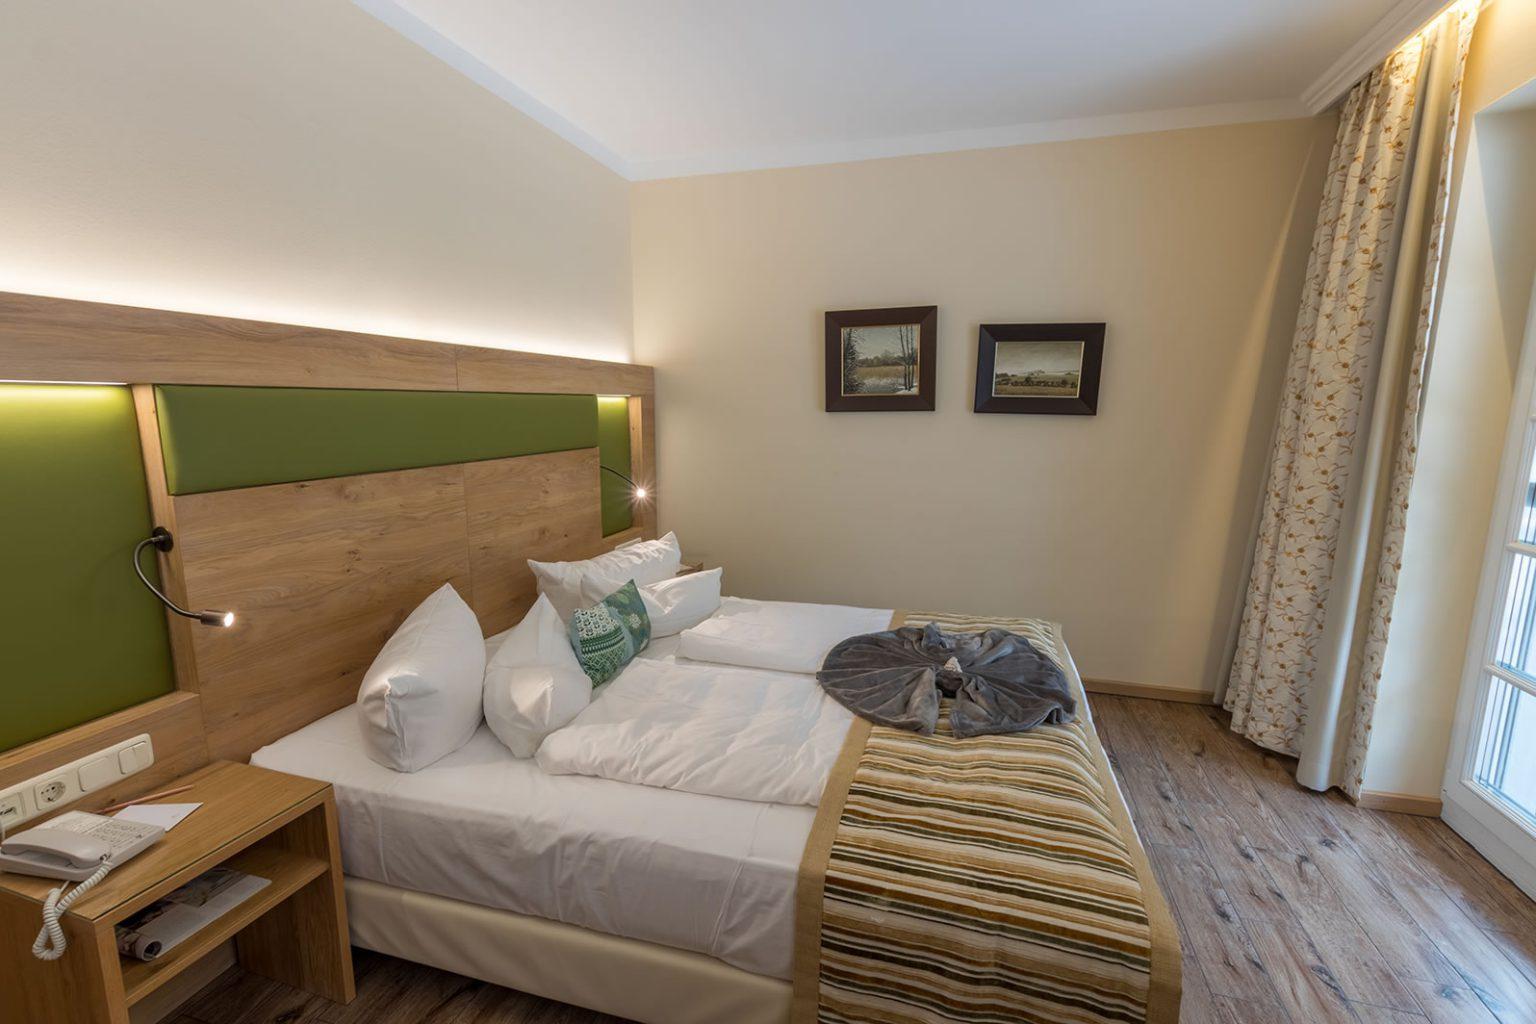 Doppelbett in Doppelzimmer, Hotel Fischerwiege